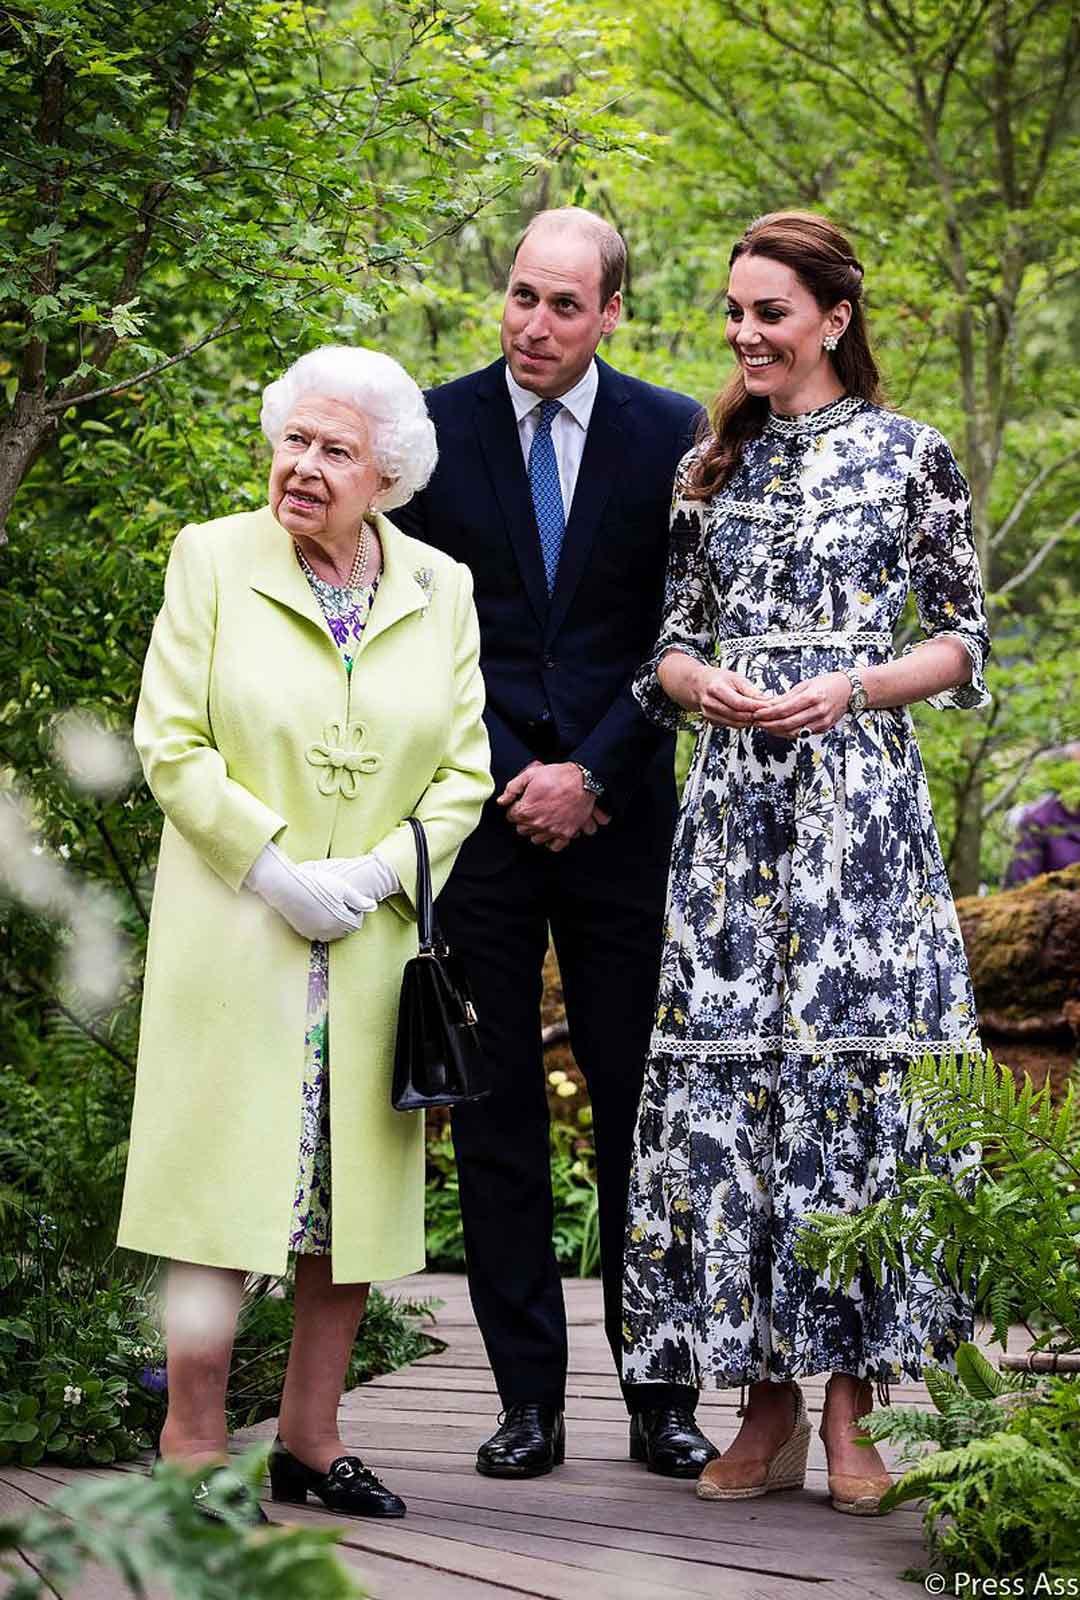 Kuningatar Elisabetilla kerrotaan olevan läheiset välit pojanpoikansa vaimon kanssa.